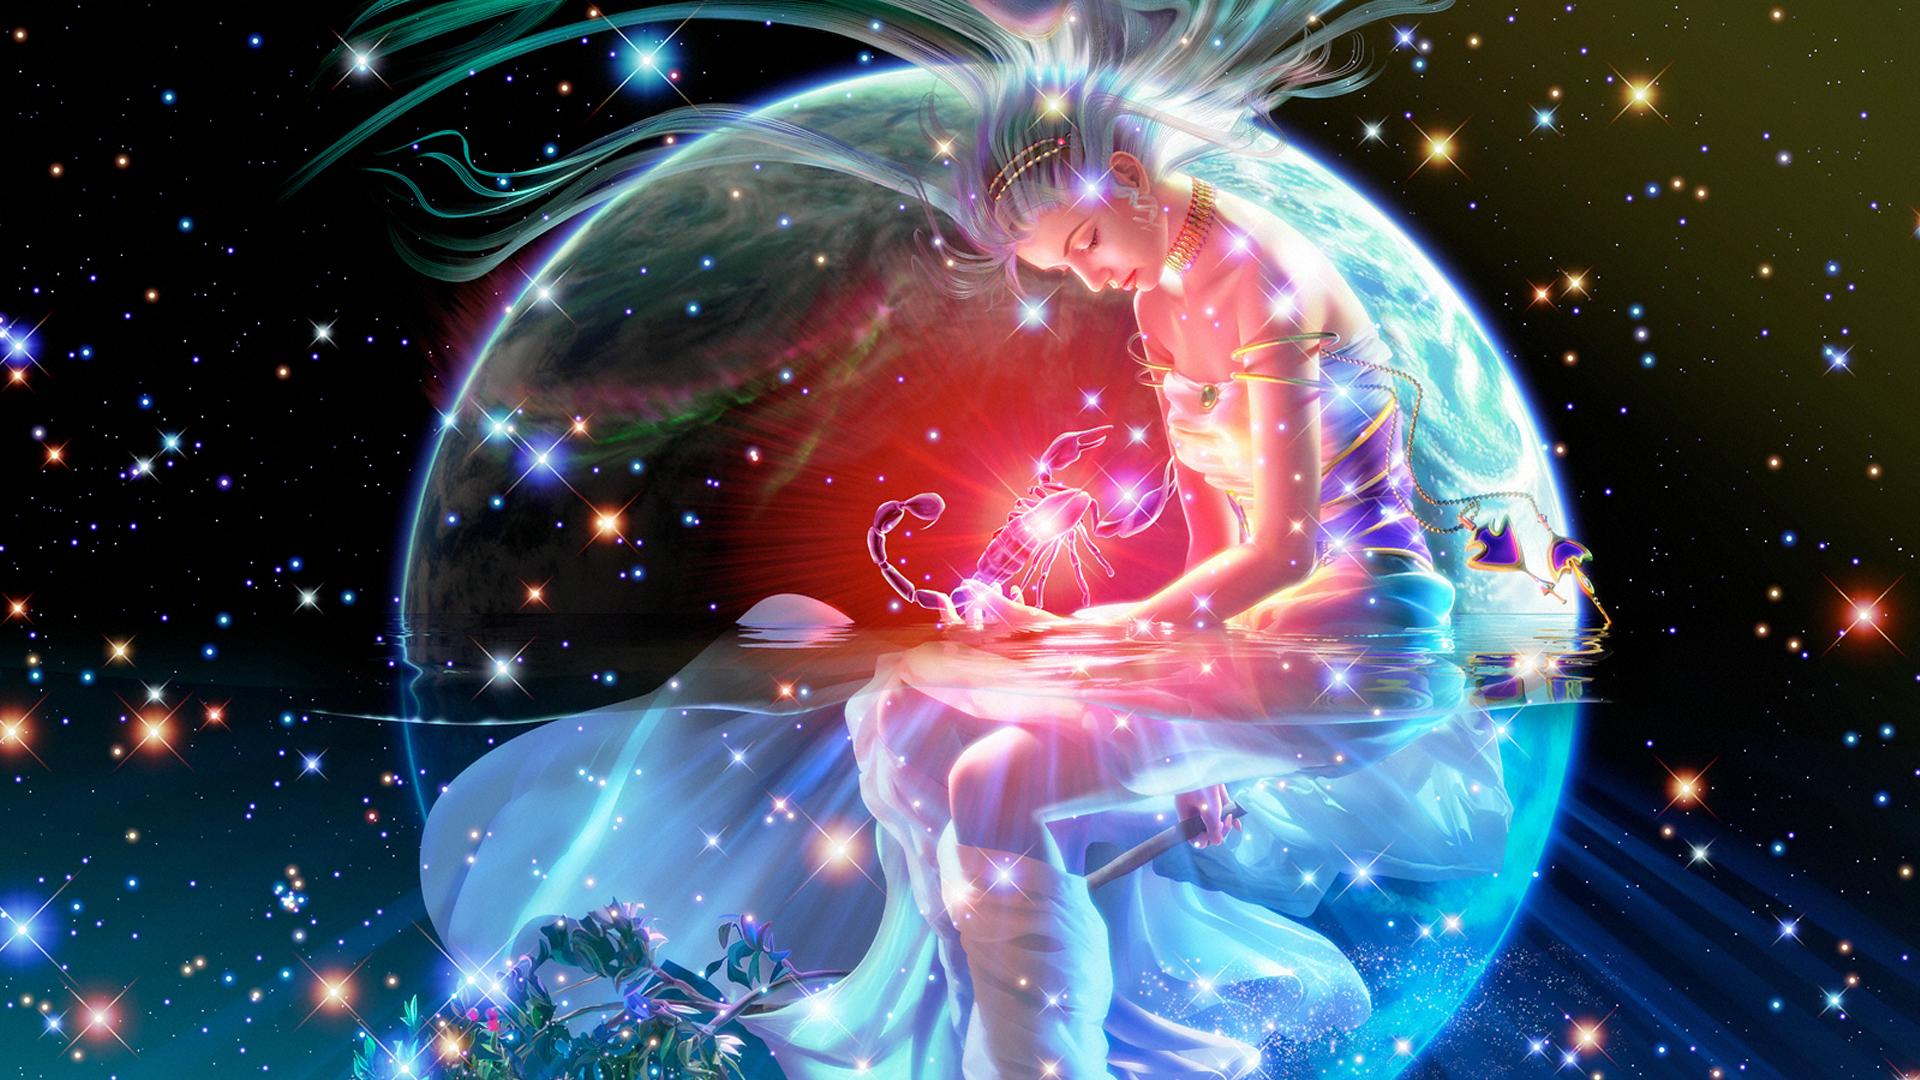 十二星座唯美意境圖之天蝎座PPT背景圖片免費下載是由PPT寶藏(www.pptbz.com)會員zengmin上傳推薦的卡通PPT背景圖片, 更新時間為2016-11-23,素材編號112394。 天蝎座(Scorpio),10月24日~11月22日出生之人的星座,即是天蝎座。天蝎座是十二星座之黃道第八宮,位于天秤座之東,射手座之西。